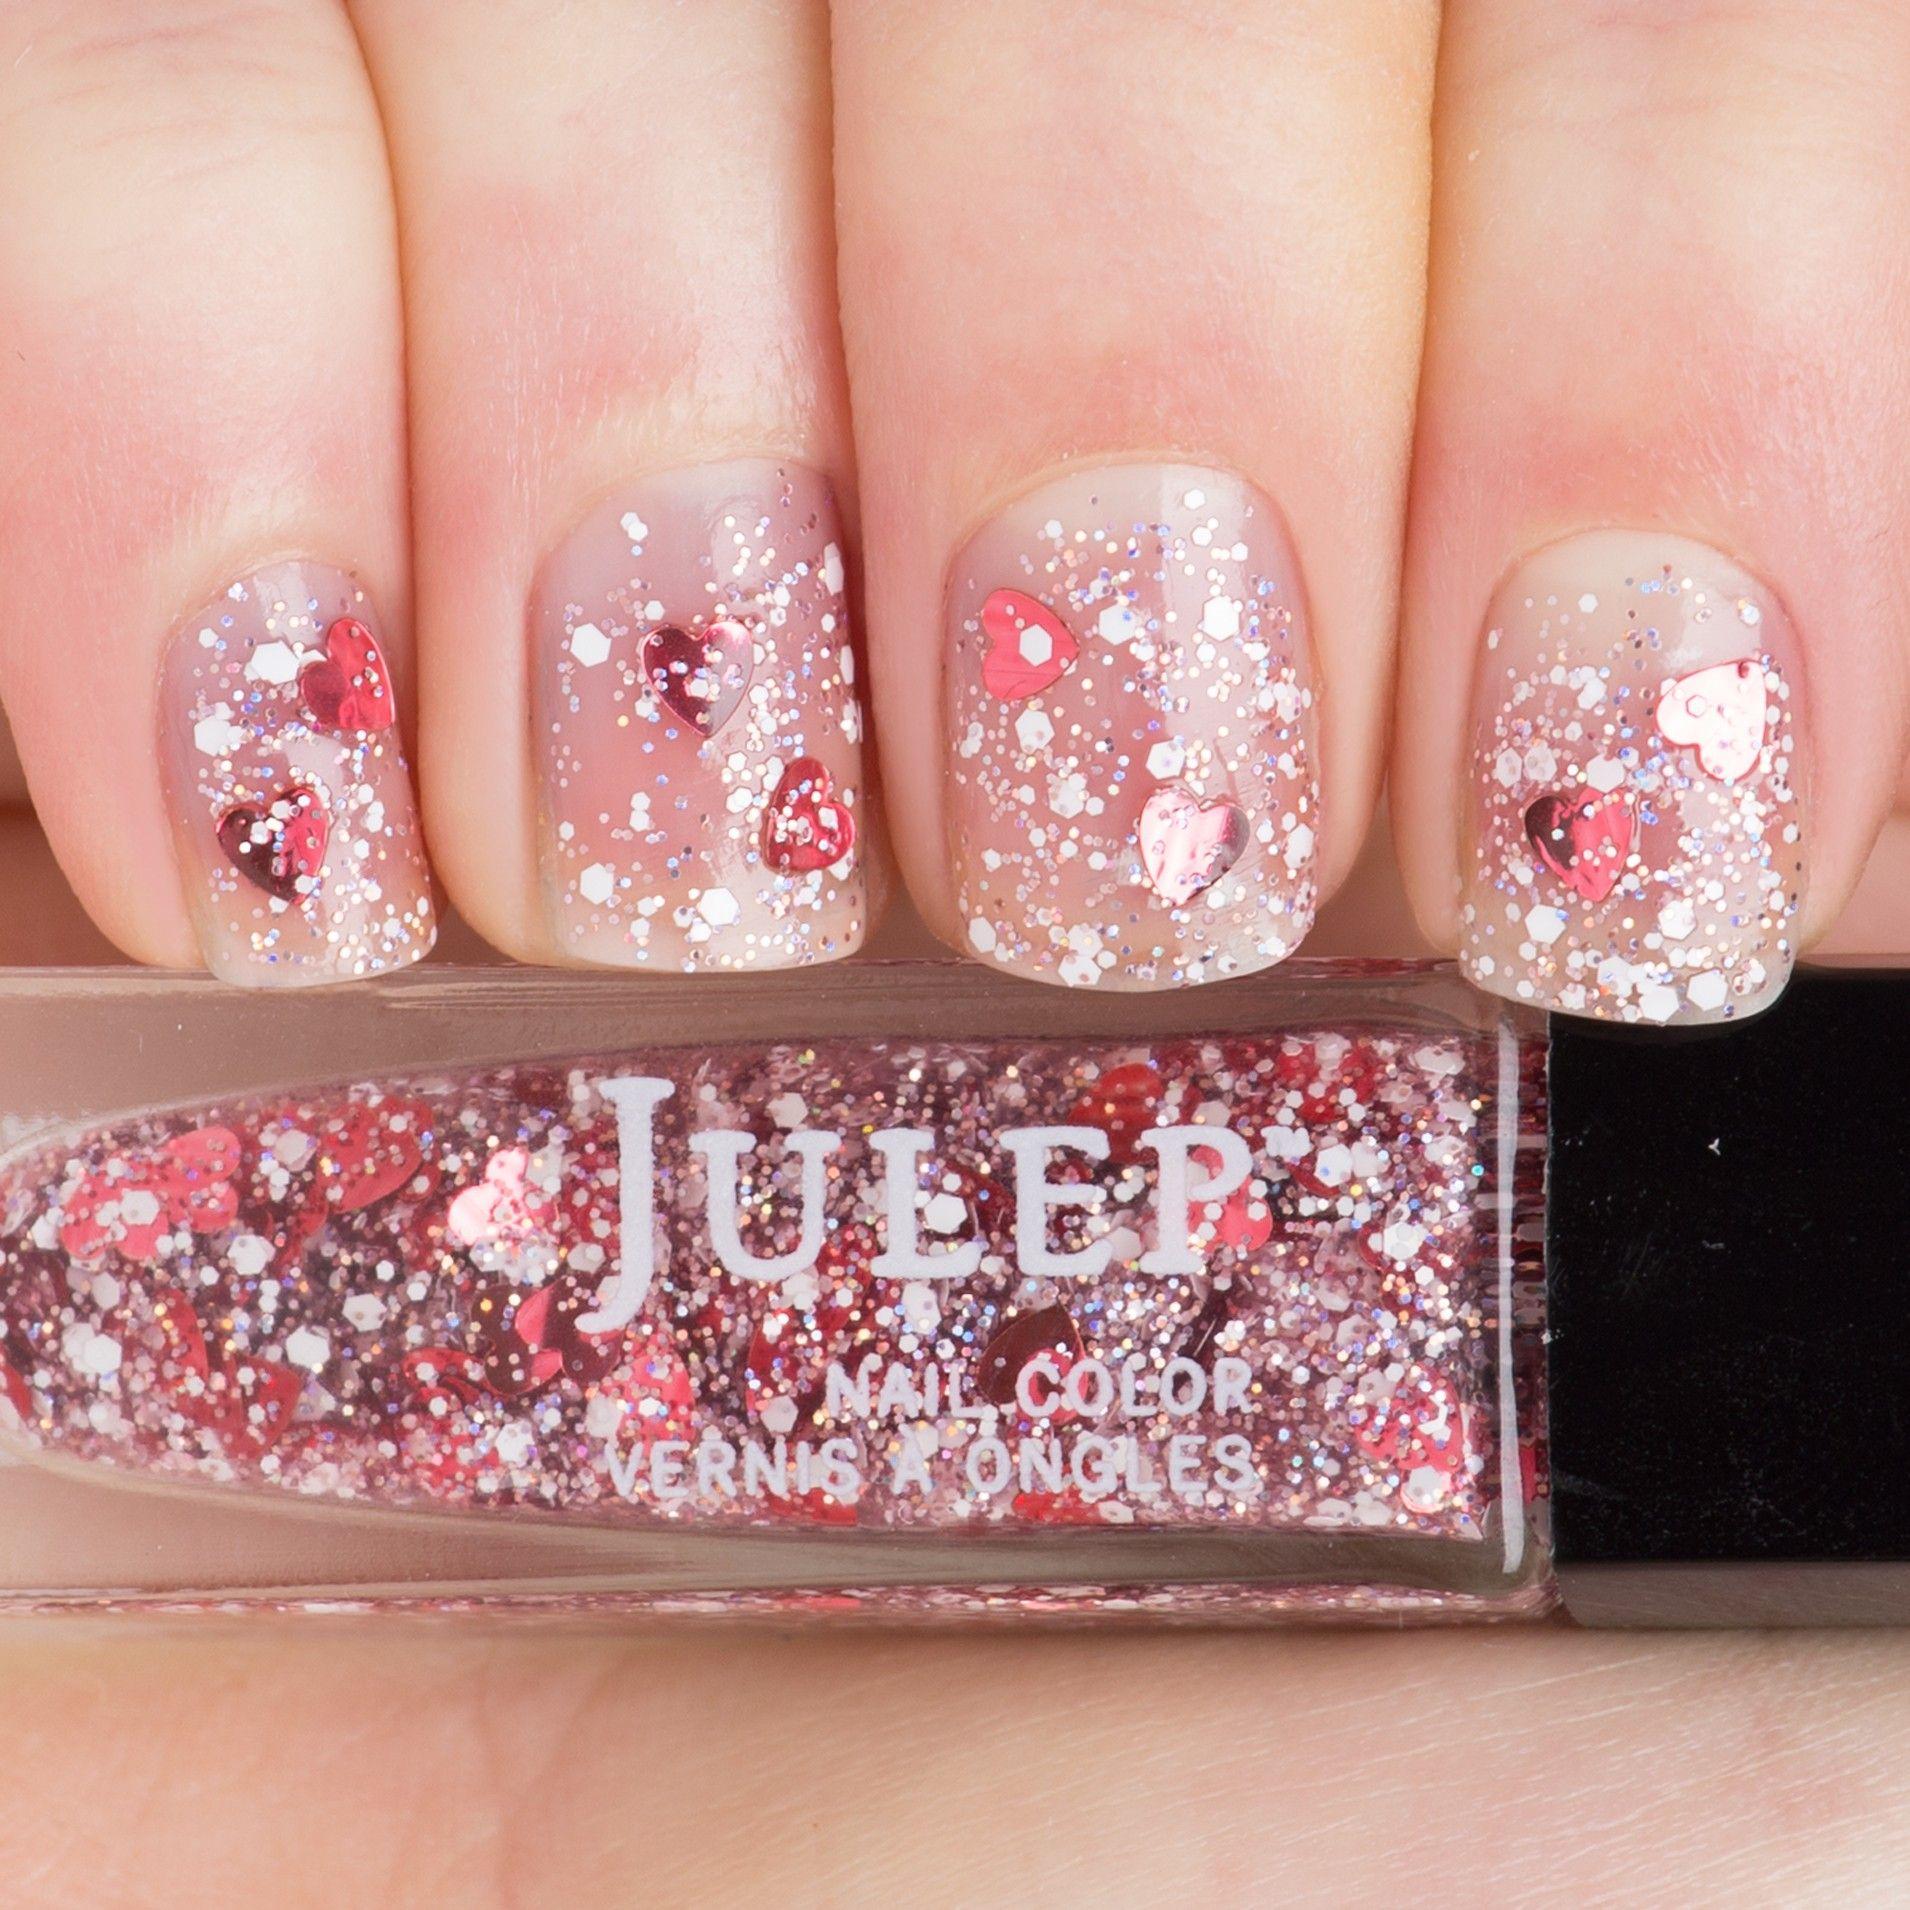 Hartleigh | My Julep Collection | Julep nail polish, Top coat nail ...